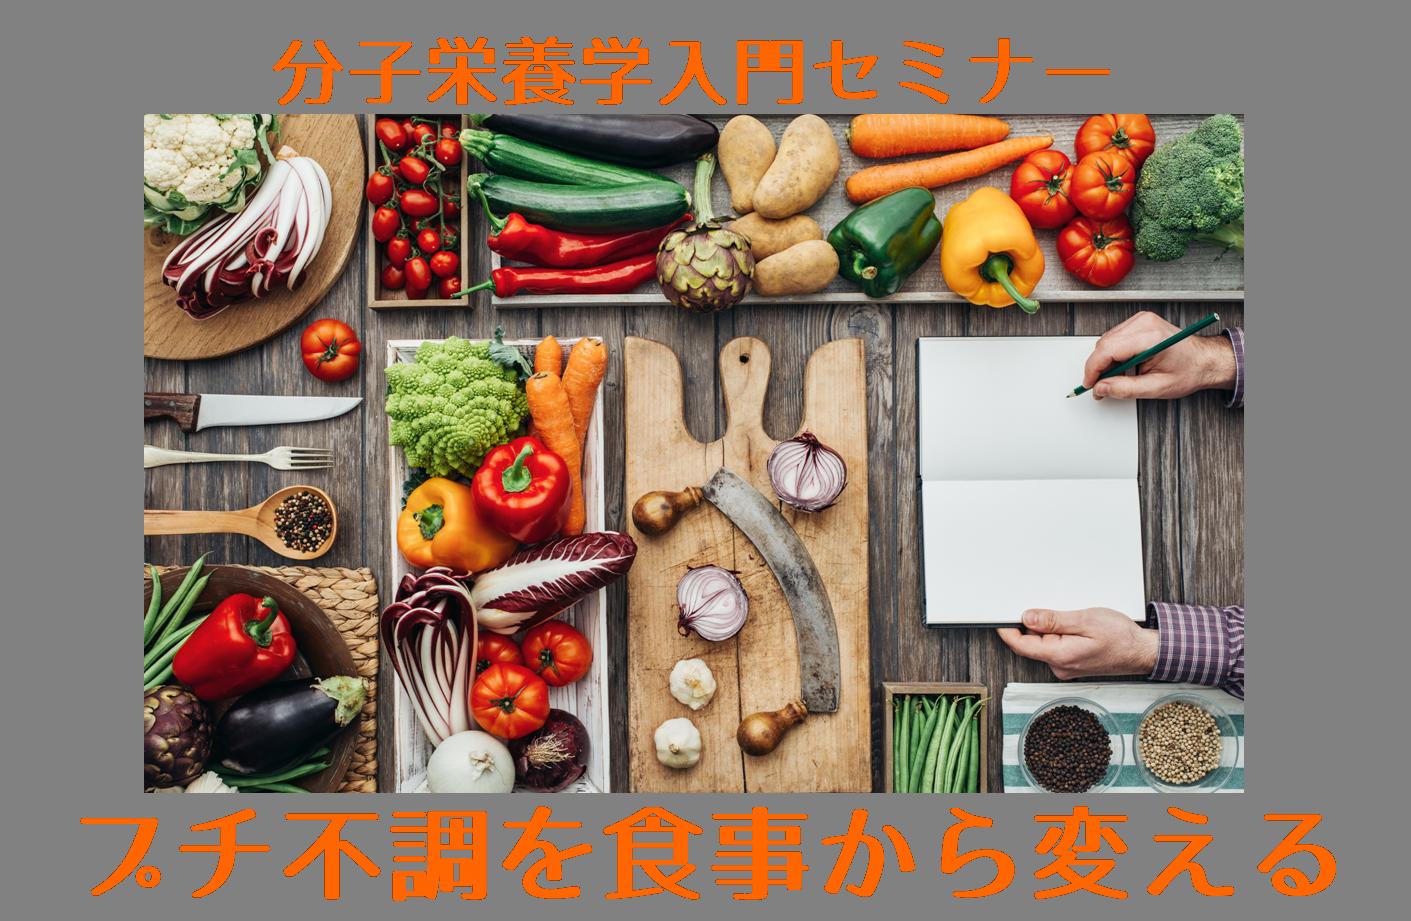 分子栄養学入門セミナー「プチ不調を食事から変える」三大栄養素編